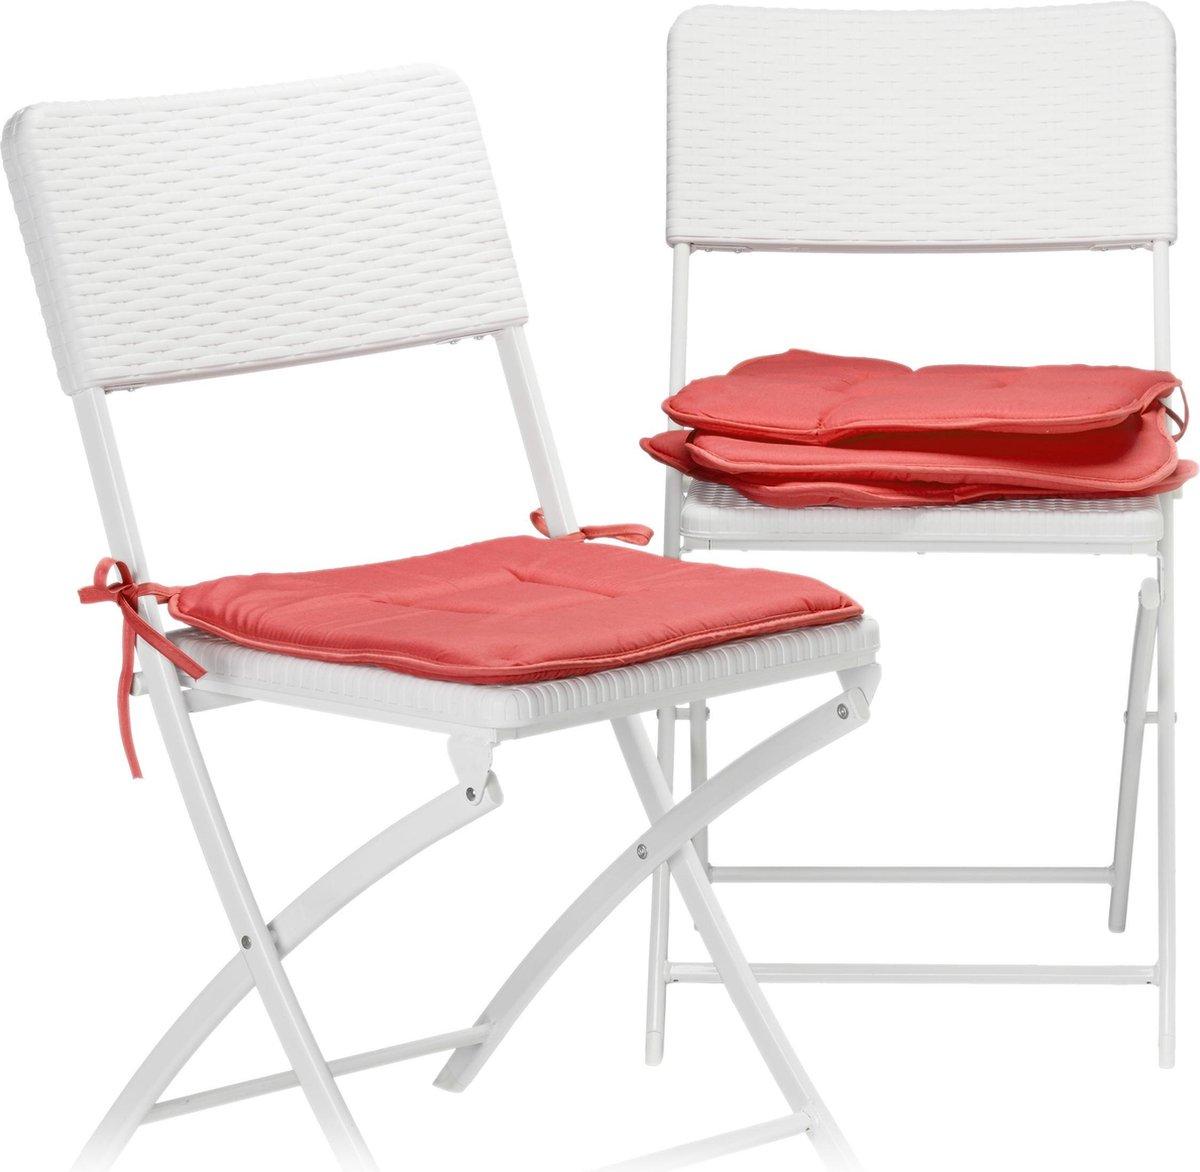 Te gulzig aangeschaft, 4 stoelkussens (tuinstoel) passen bij